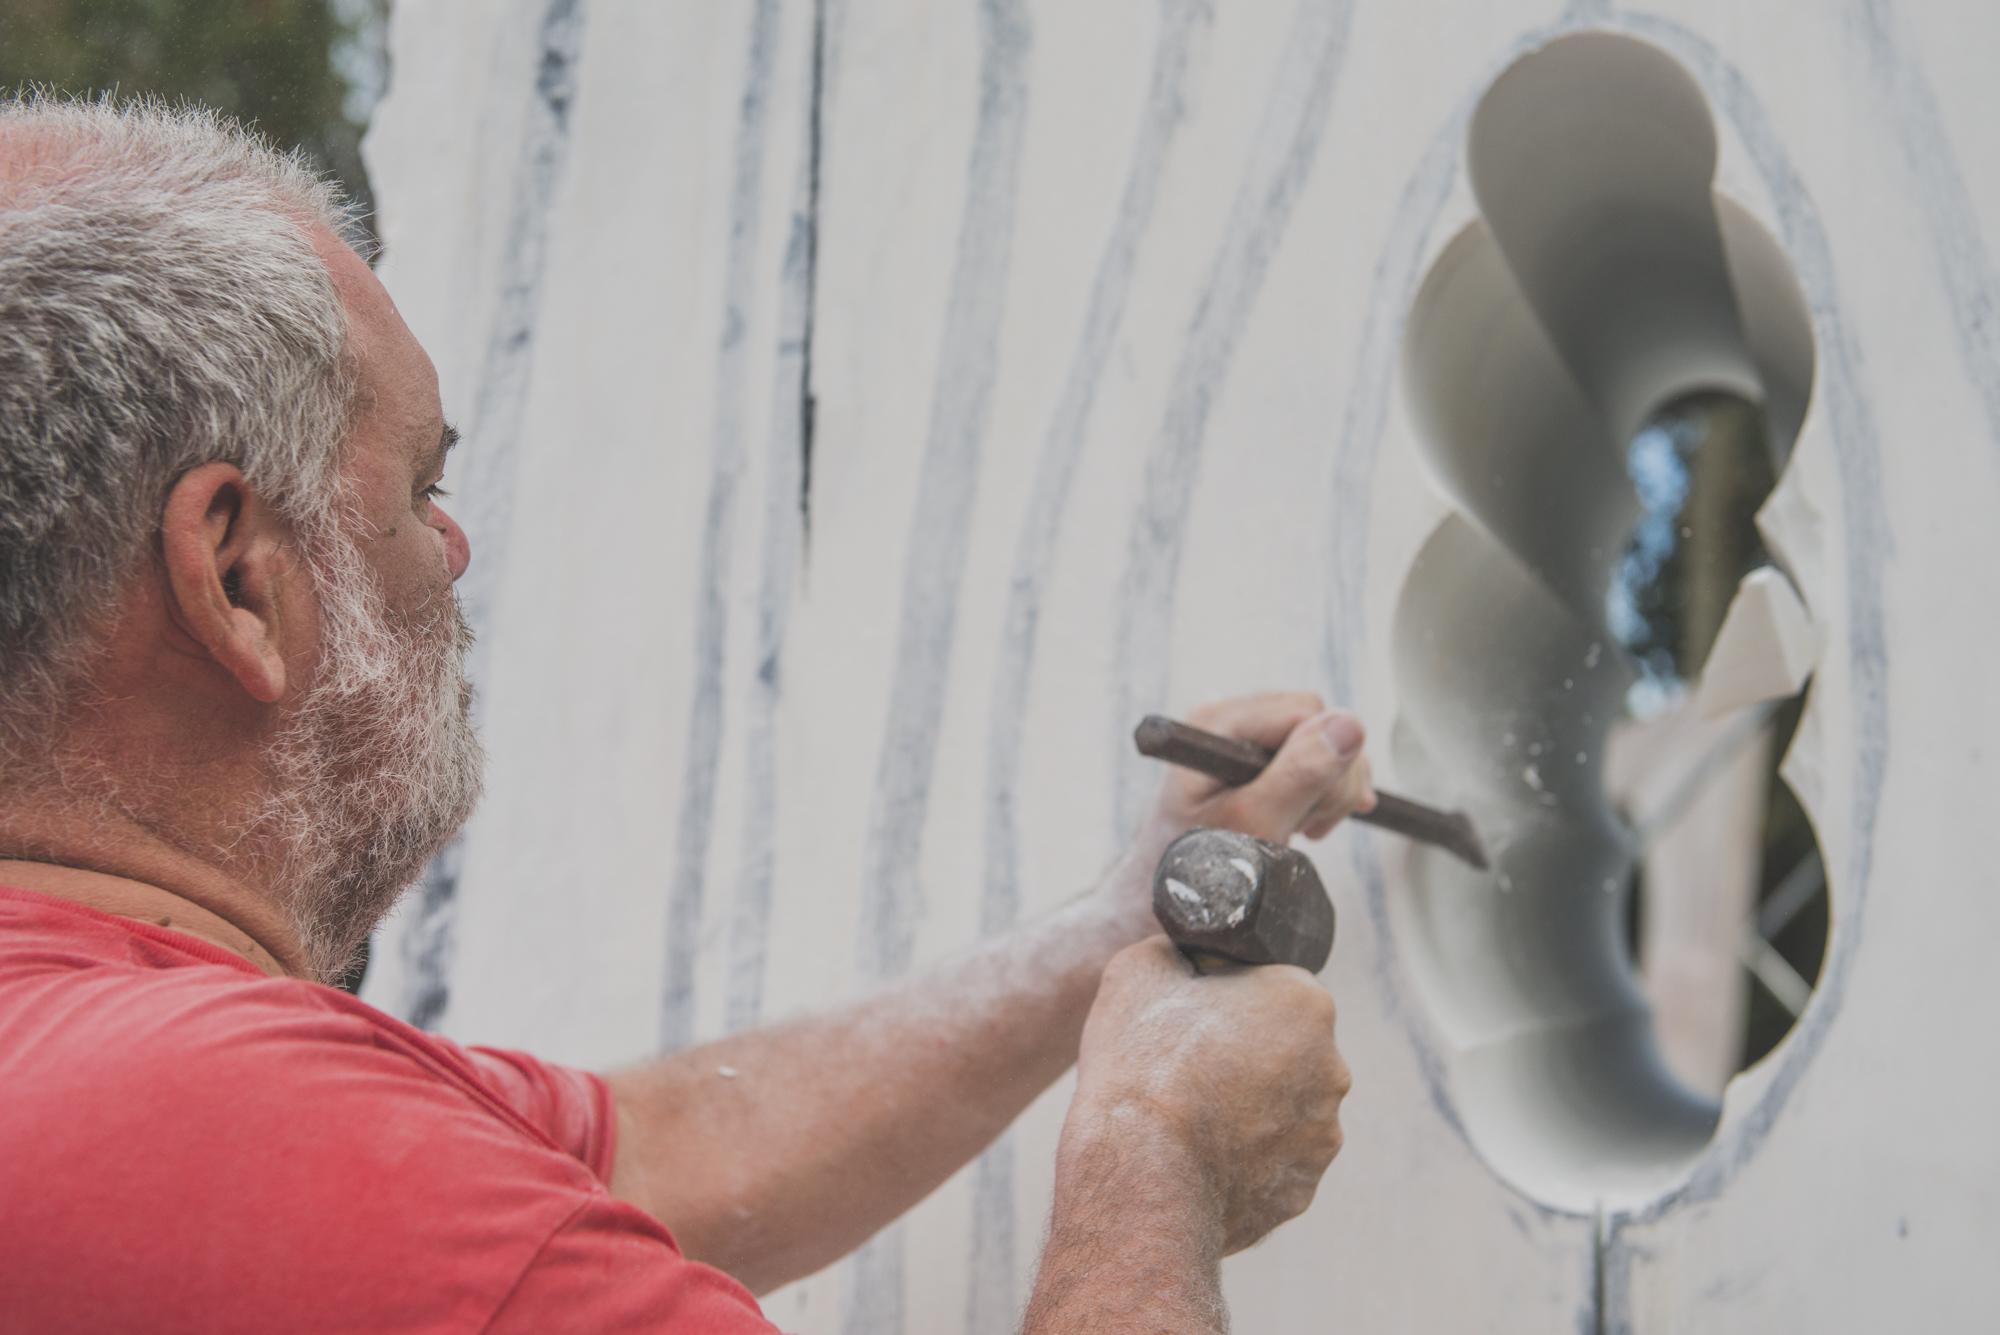 2017_01_09_Pablo haciendo escultura_baja-39